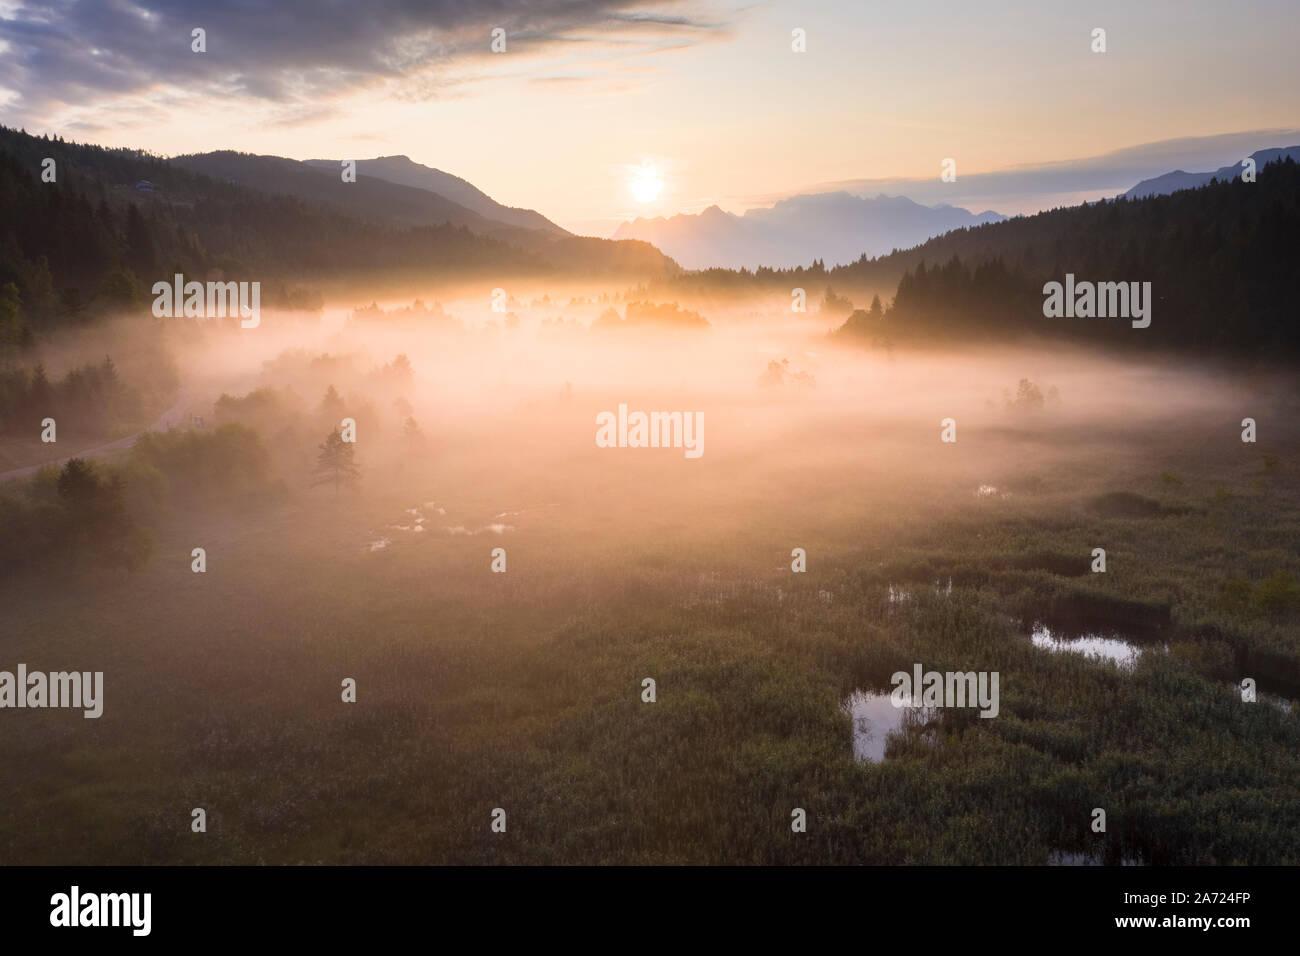 La niebla que cubre las plantas en humedales y pantano de Pian di Gembro Reserva Natural, vista aérea, Aprica, Valtellina, Lombardía, Italia Foto de stock